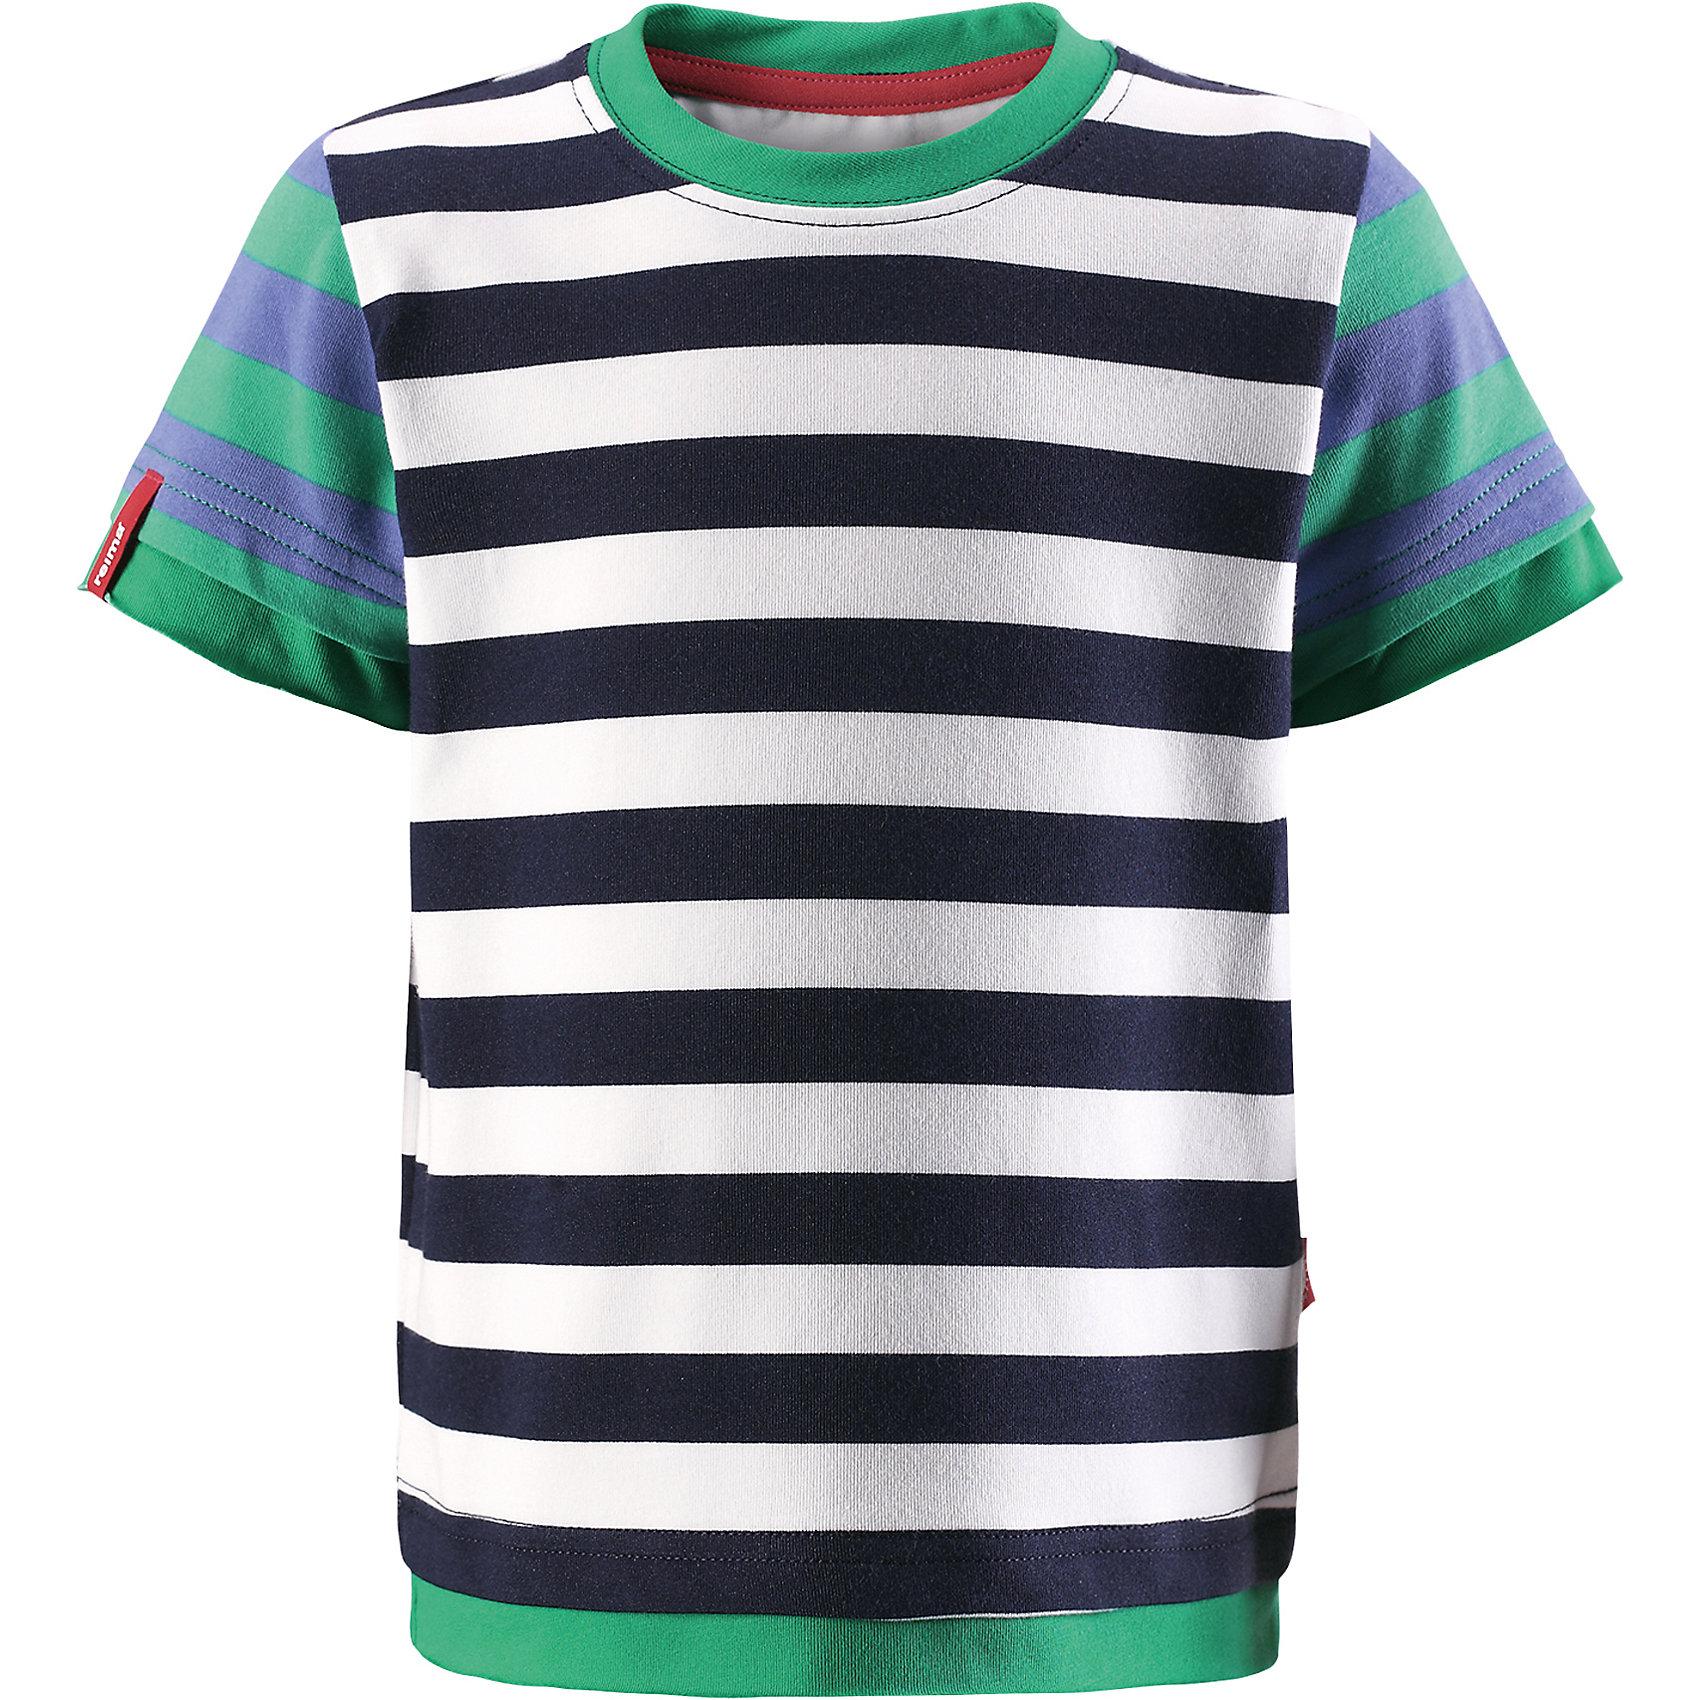 Футболка Kirppu для мальчика ReimaОдежда<br>Характеристики товара:<br><br>• цвет: белый/зелёный<br>• состав: 65% хлопок, 30% полиэстер, 5% эластан<br>• фактор защиты от ультрафиолета: 40+<br>• быстросохнущий, очень приятный на ощупь материал Play Jersey<br>• приятная на ощупь хлопковая поверхность<br>• влагоотводящая изнаночная сторона<br>• страна бренда: Финляндия<br>• страна производства: Китай<br><br>Одежда может быть модной и комфортной одновременно! Удобная симпатичная футболка поможет обеспечить ребенку комфорт - она не стесняет движения и удобно сидит. Модель стильно смотрится, отлично сочетается с различными головными уборами и обувью. Стильный дизайн разрабатывался специально для детей.<br><br>Уход:<br><br>• стирать и гладить, вывернув наизнанку<br>• стирать с бельем одинакового цвета<br>• стирать моющим средством, не содержащим отбеливающие вещества<br>• полоскать без специального средства<br>• придать первоначальную форму вo влажном виде.<br><br>Футболку для мальчика от финского бренда Reima (Рейма) можно купить в нашем интернет-магазине.<br><br>Ширина мм: 199<br>Глубина мм: 10<br>Высота мм: 161<br>Вес г: 151<br>Цвет: синий<br>Возраст от месяцев: 36<br>Возраст до месяцев: 48<br>Пол: Мужской<br>Возраст: Детский<br>Размер: 104,128,116,110,98,80,86,92,122<br>SKU: 5271200